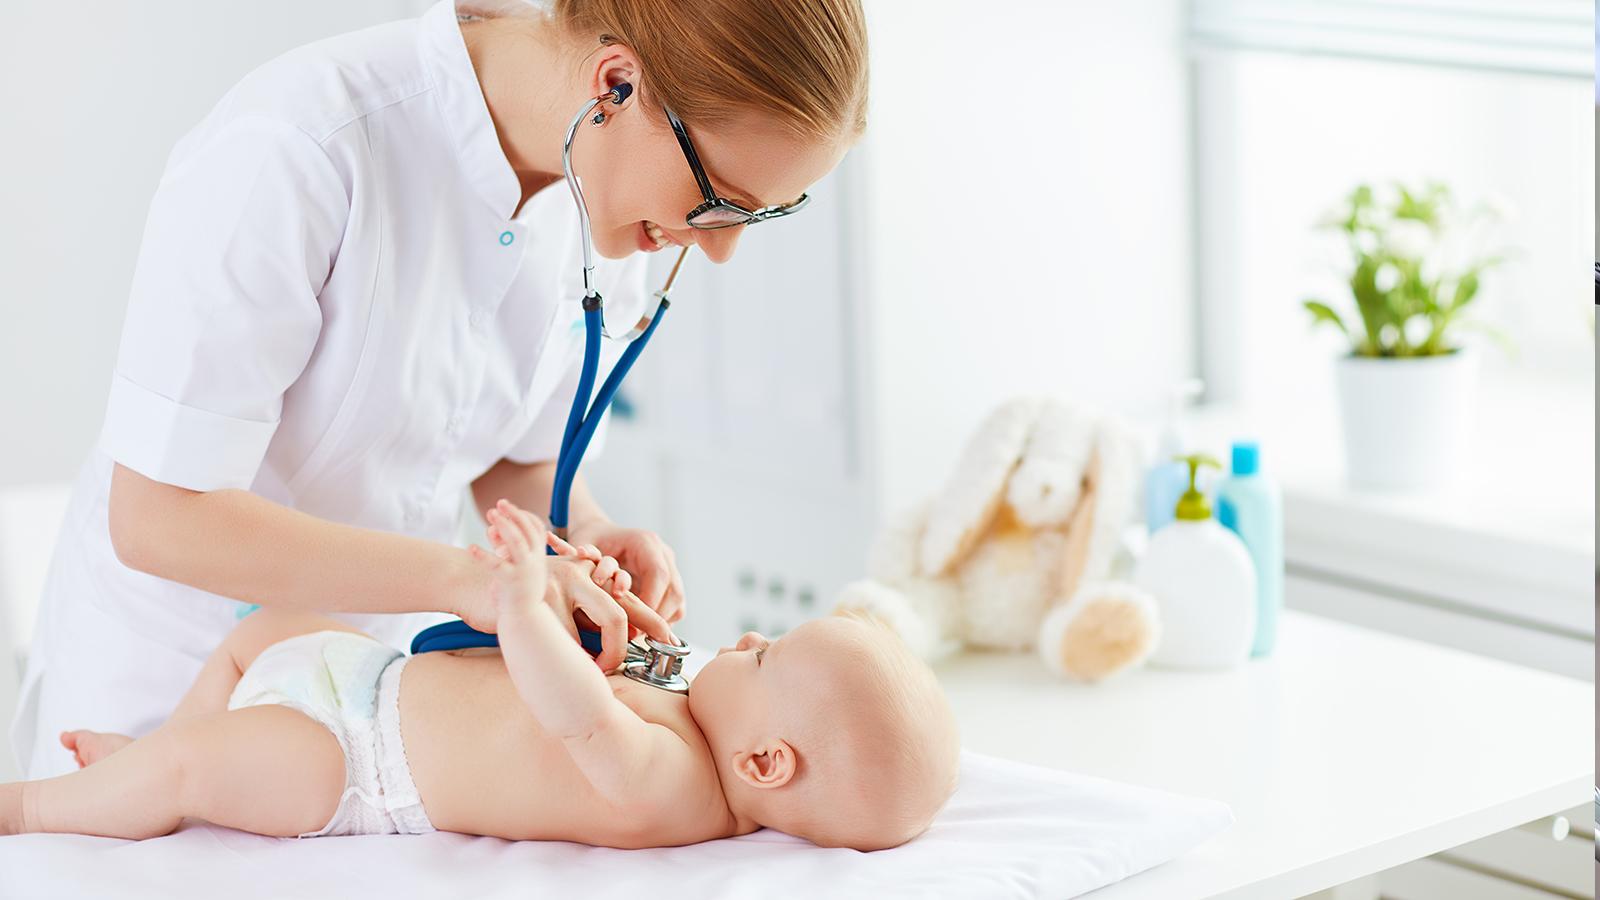 Visite di controllo neonati: quali e quando vanno fatte